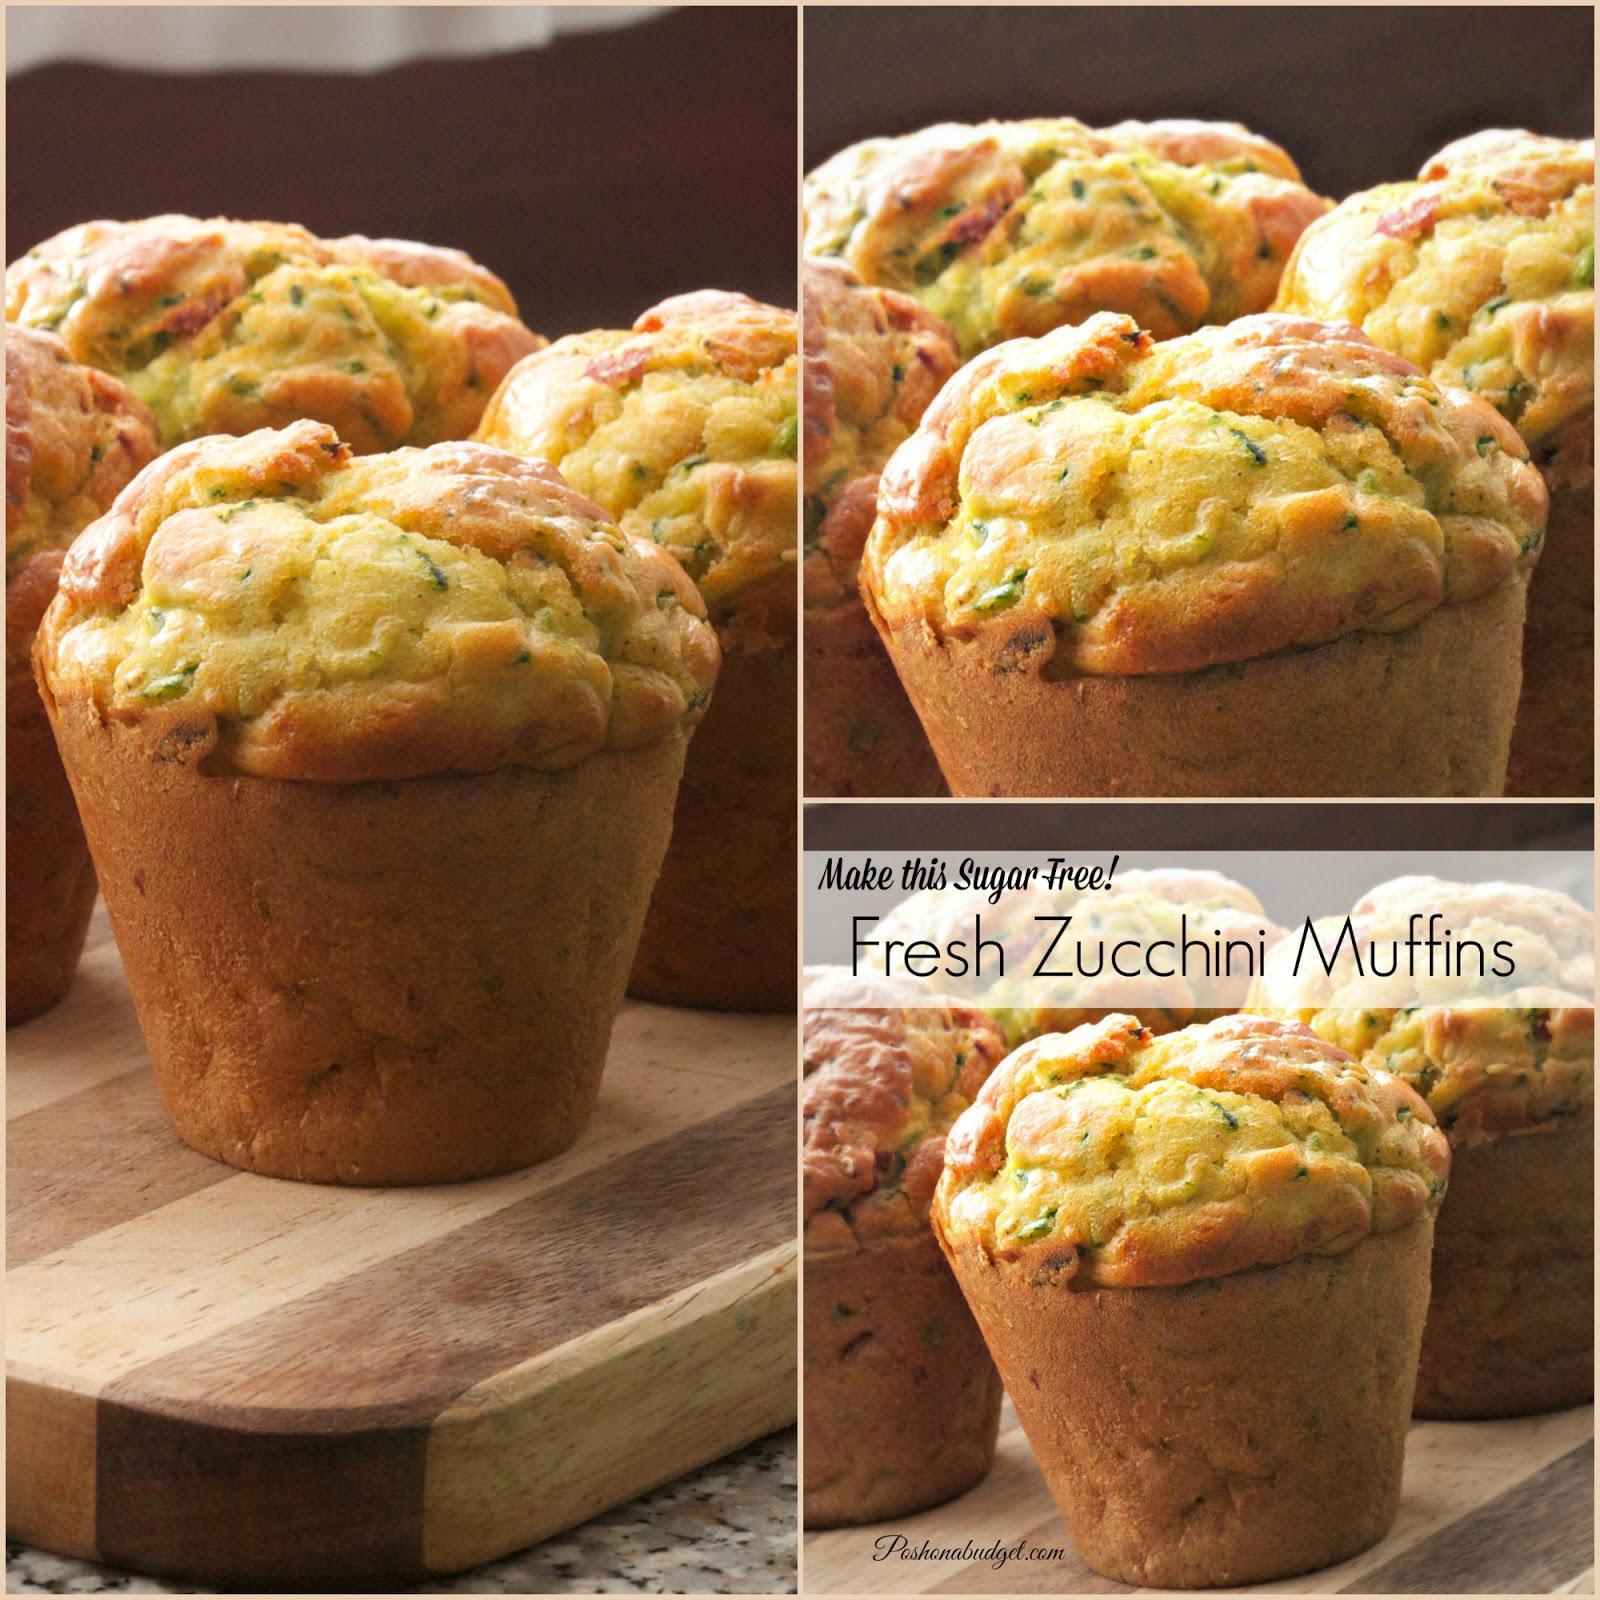 Homemade Zucchini Muffins